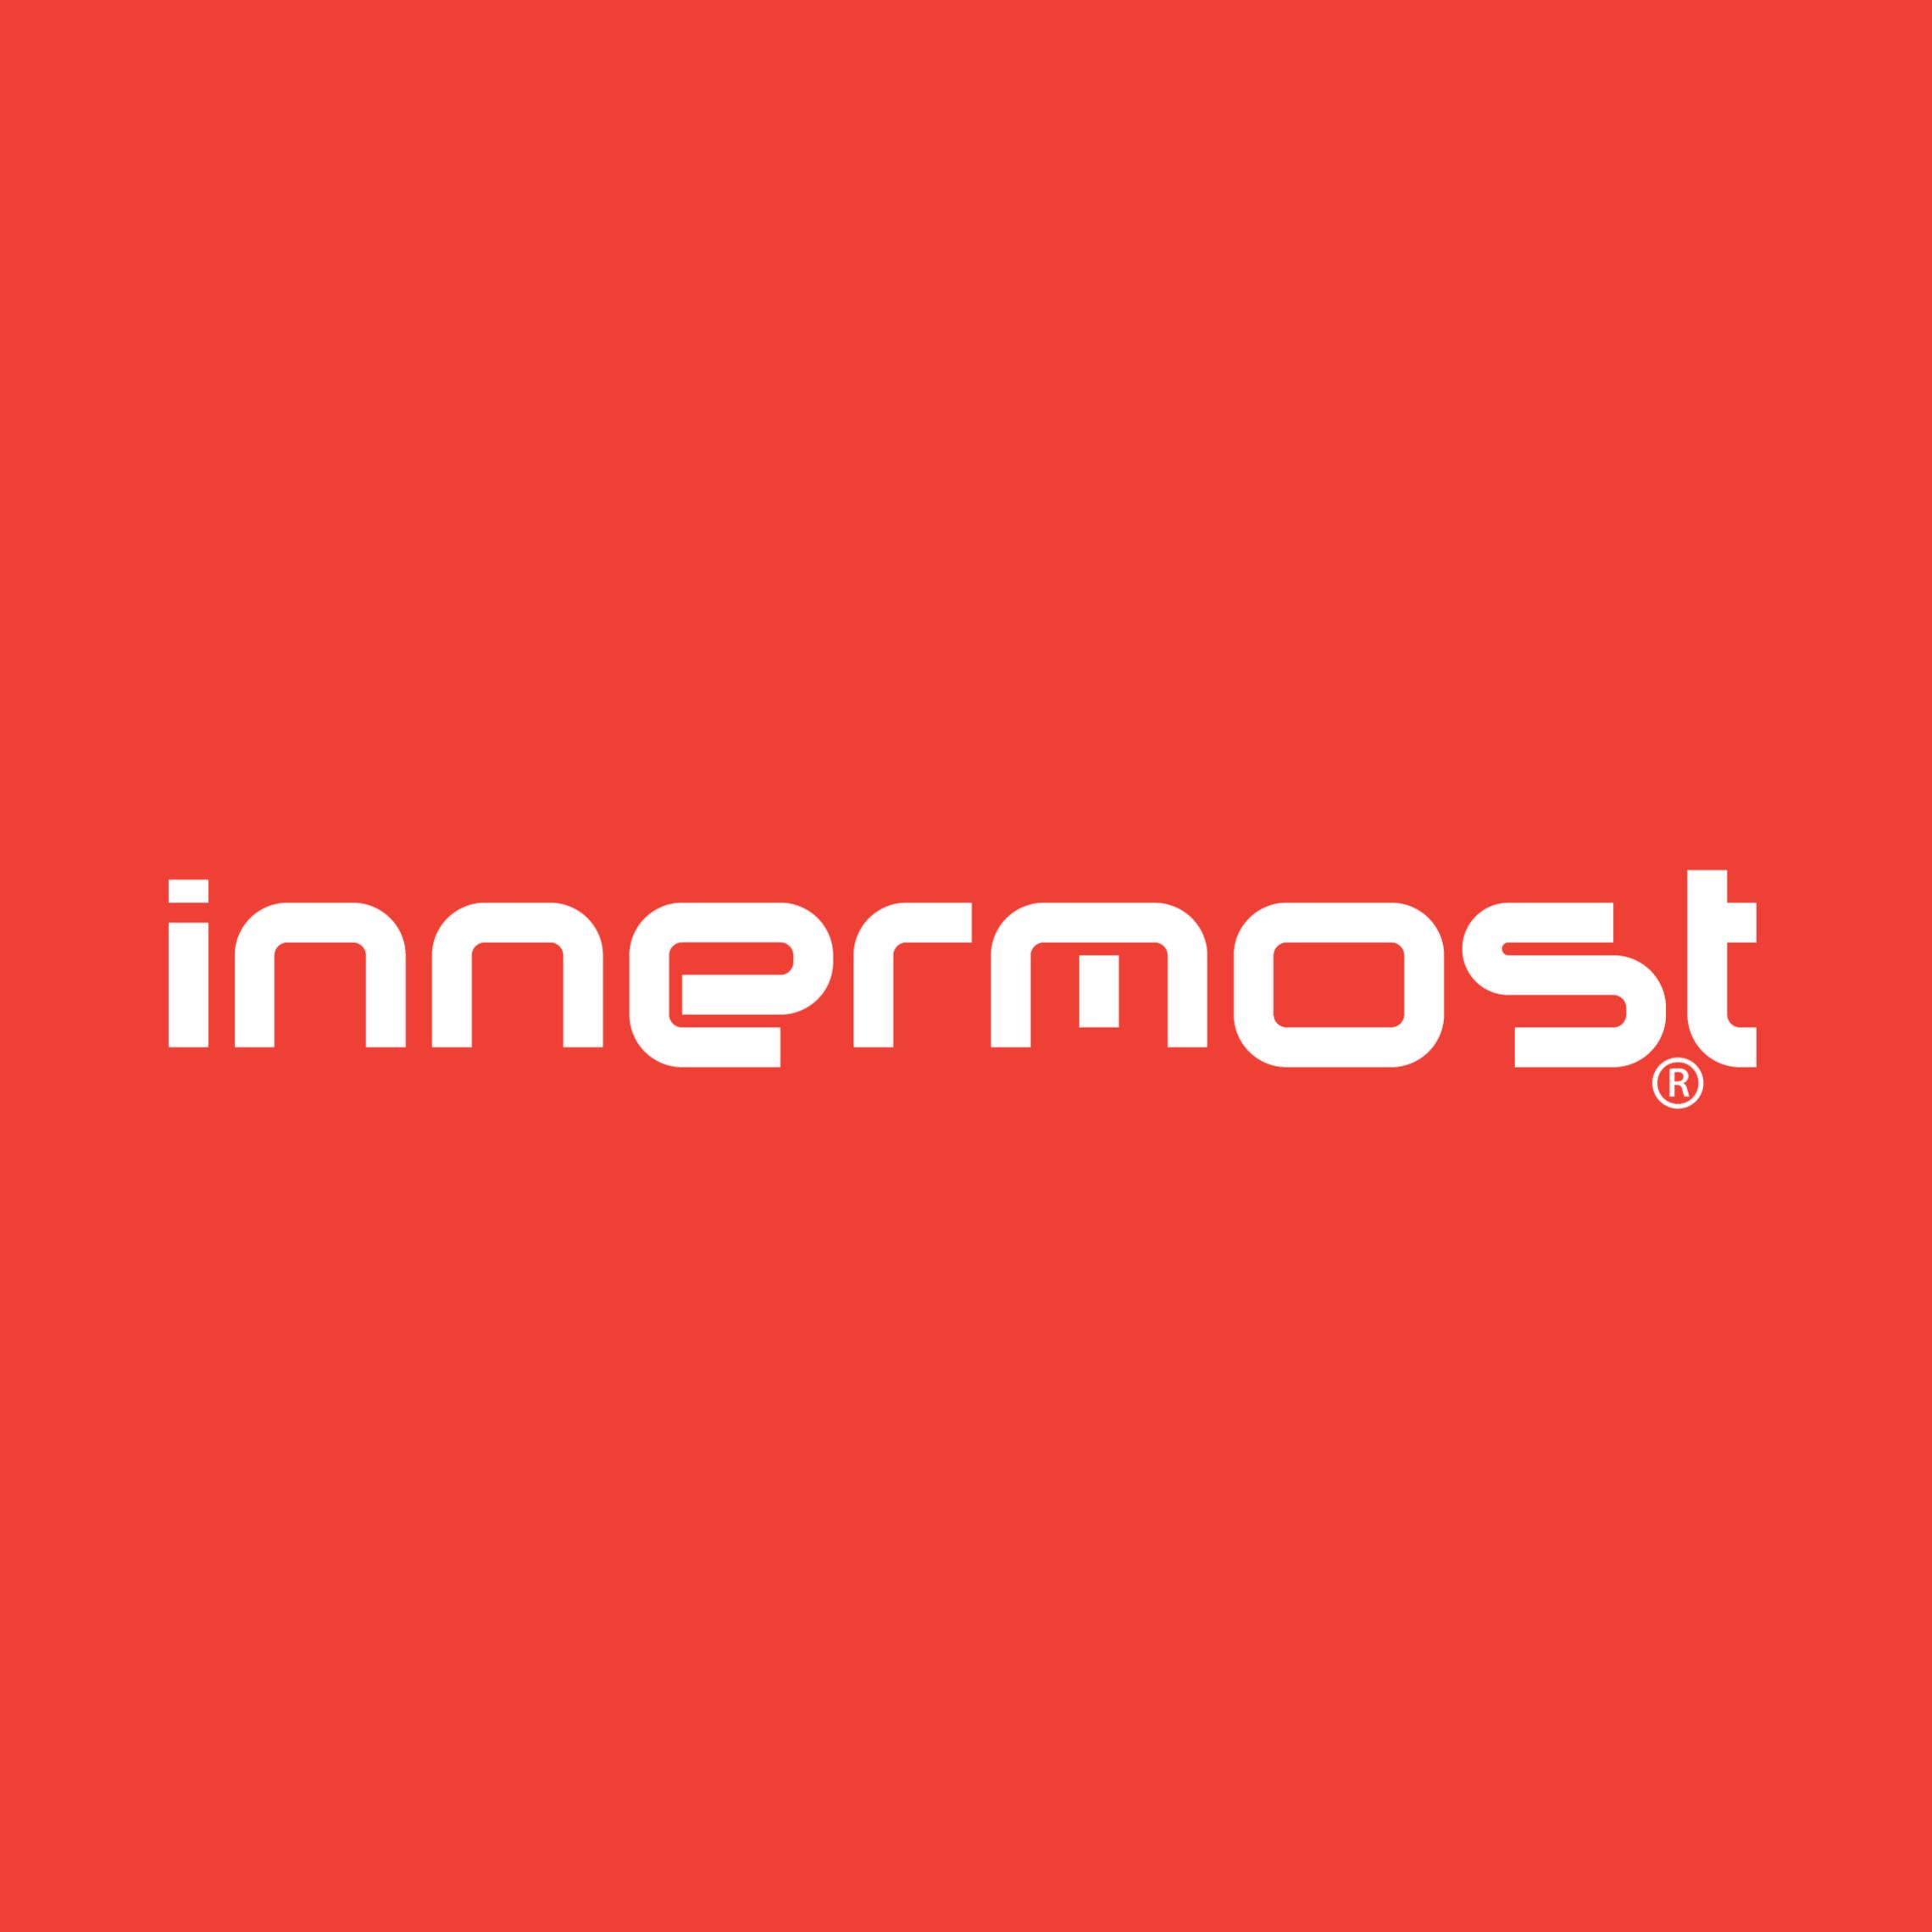 innermost- company logo